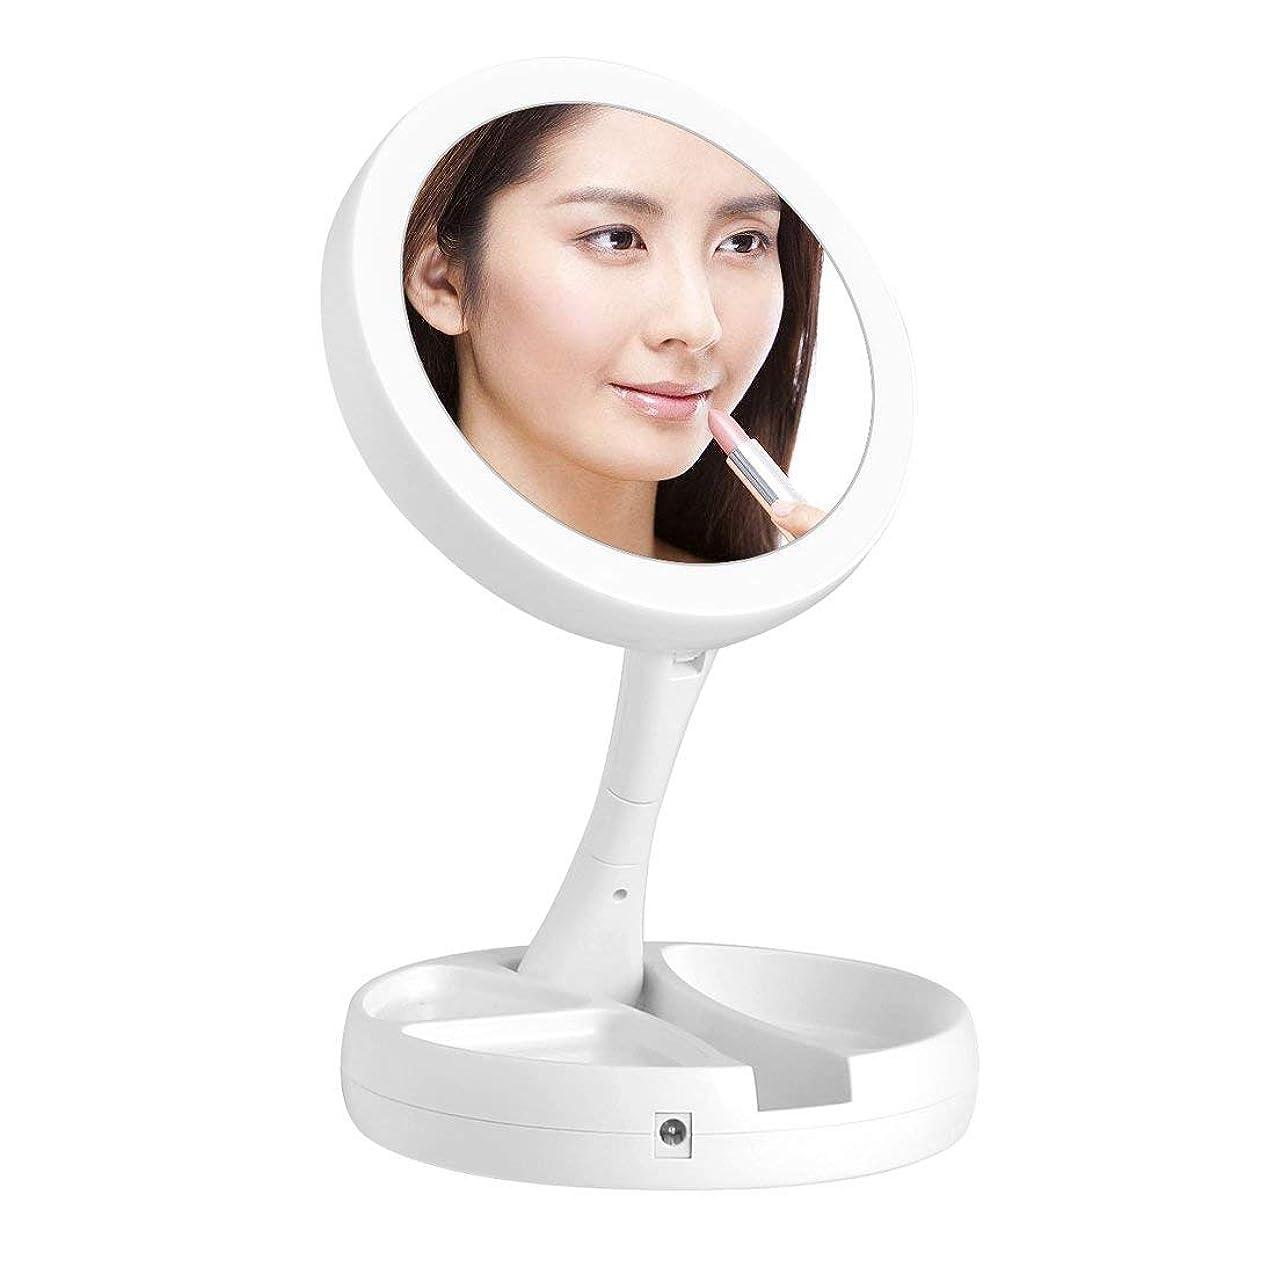 グローしがみつく発明するkamaa化粧鏡 化粧ミラー 女優ミラー LED両面鏡 鏡 10倍拡大鏡付き 折り畳み式 卓上 テーブルランプUSB/電池給電 180°回転